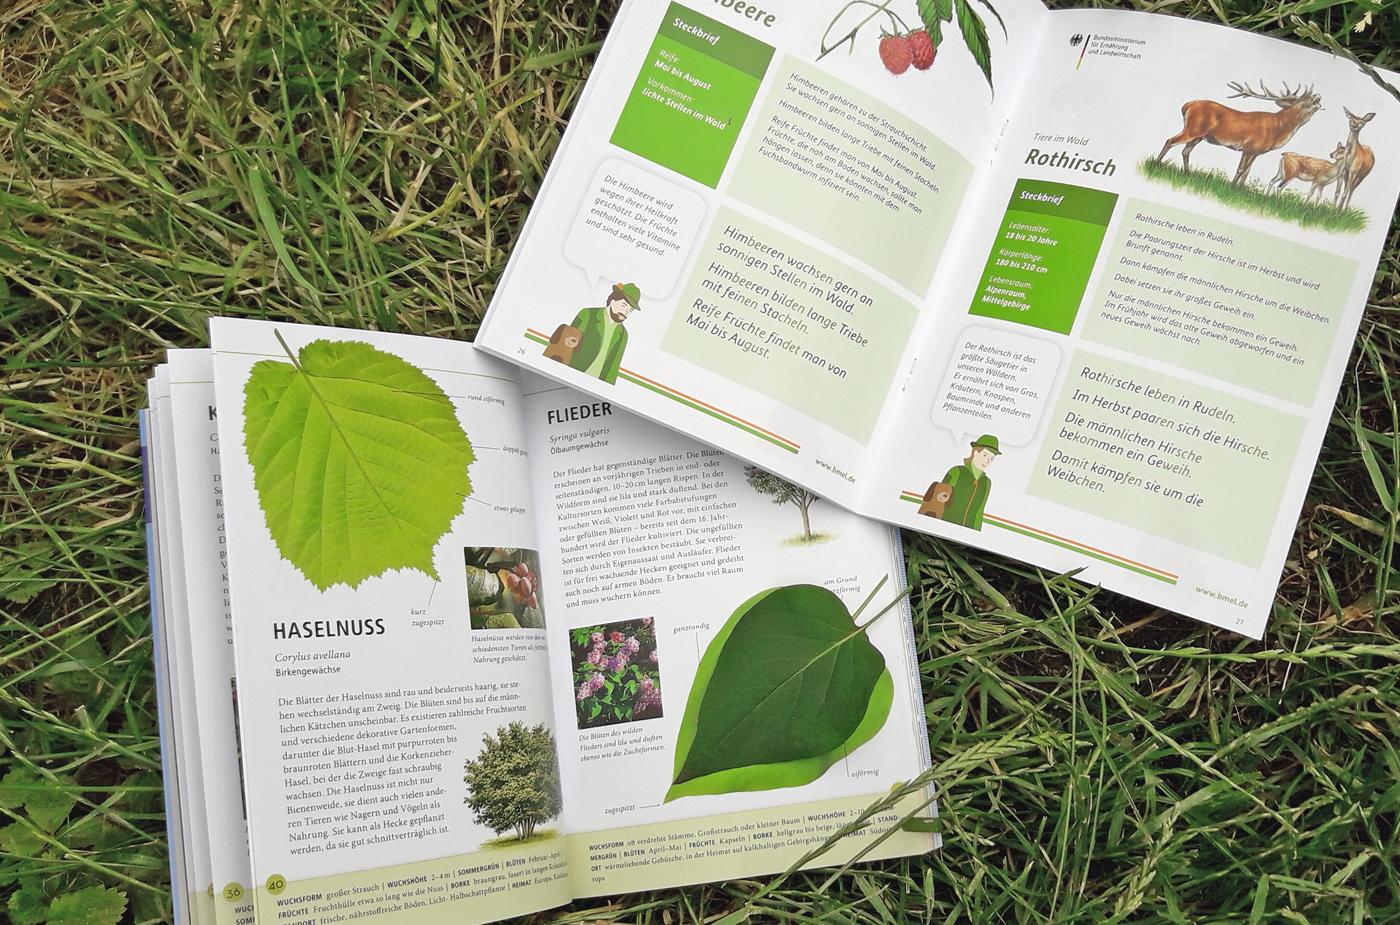 """Links unten: """"Bäume am Blatt erkennen"""" aus dem Kosmos-Verlag, rechts oben: die kostenlose Waldfibel des Bundesministeriums für Ernährung und Landwirtschaft. Foto: ForestFinance/Kristin Steffan"""